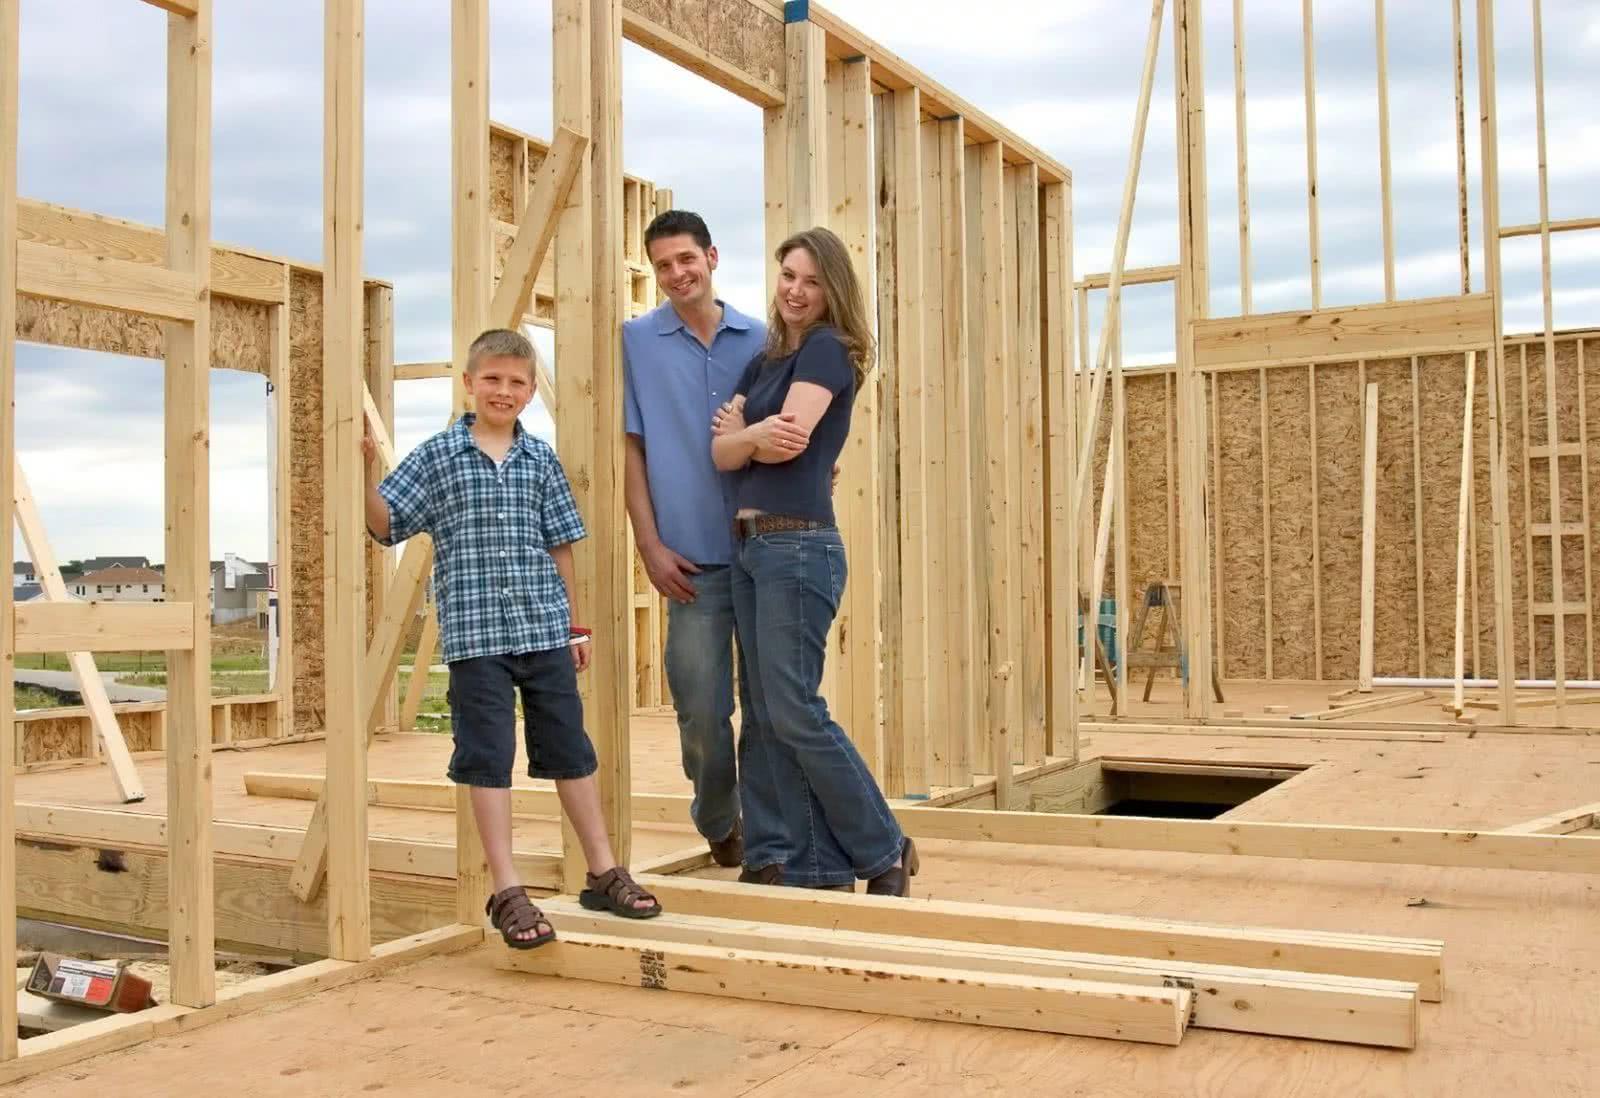 Что нужно знать при постройке деревянного дома: советы мастеров - погонажные изделия из сибирской лиственницы в Санкт-Петербурге